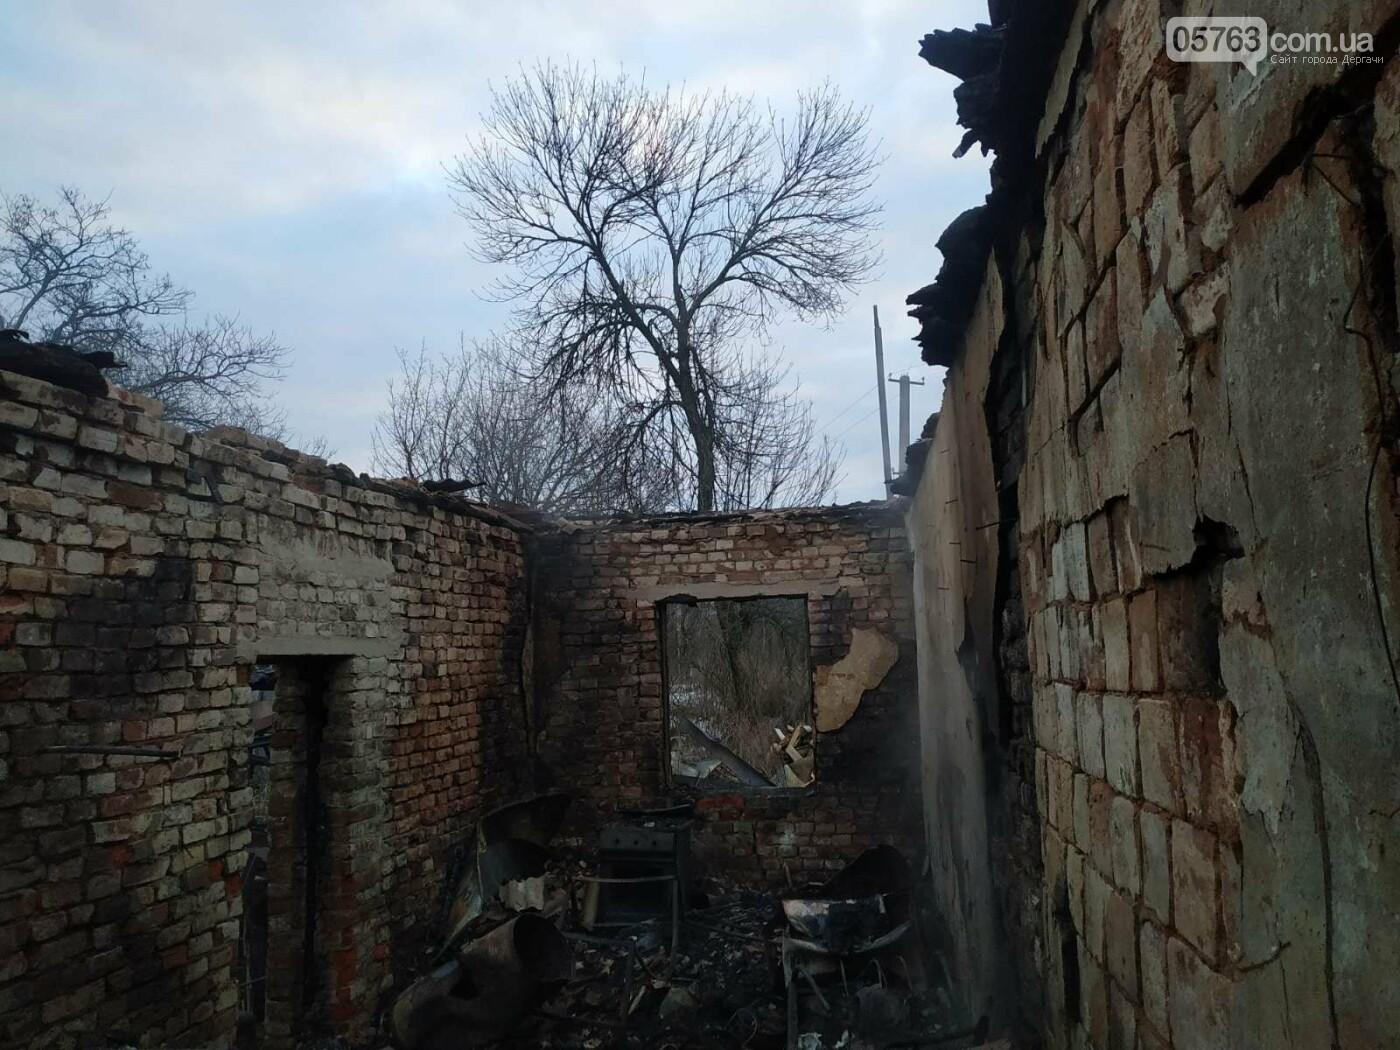 Загорівся приватний будинок: рятувальники знайшли тіло 92-річного чоловіка, - ФОТО, фото-4